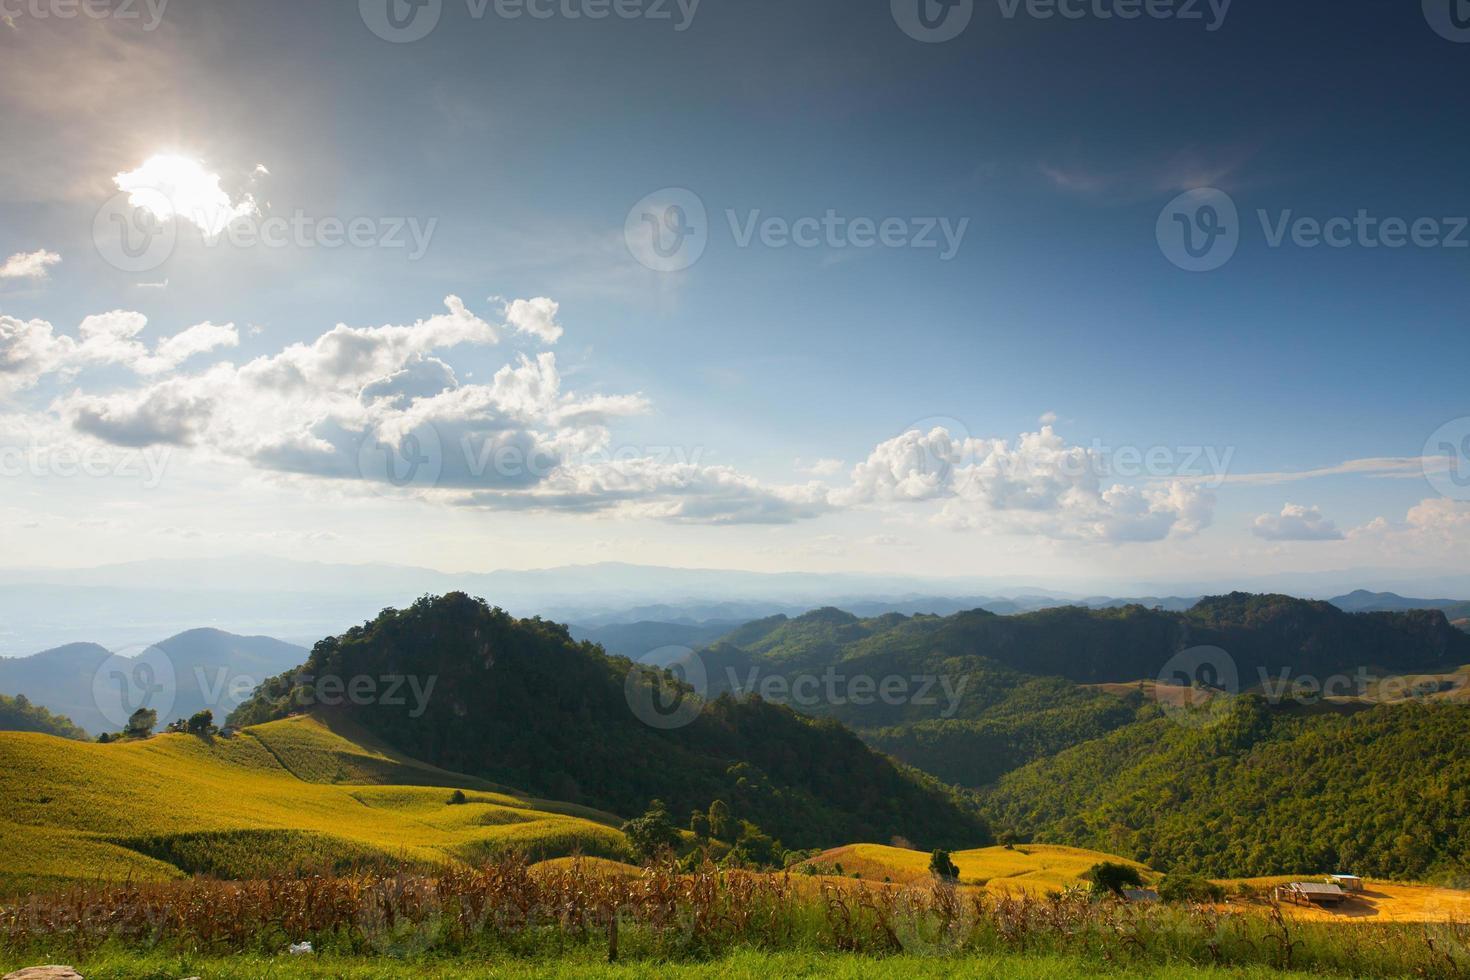 montanhas verdes e céu azul foto